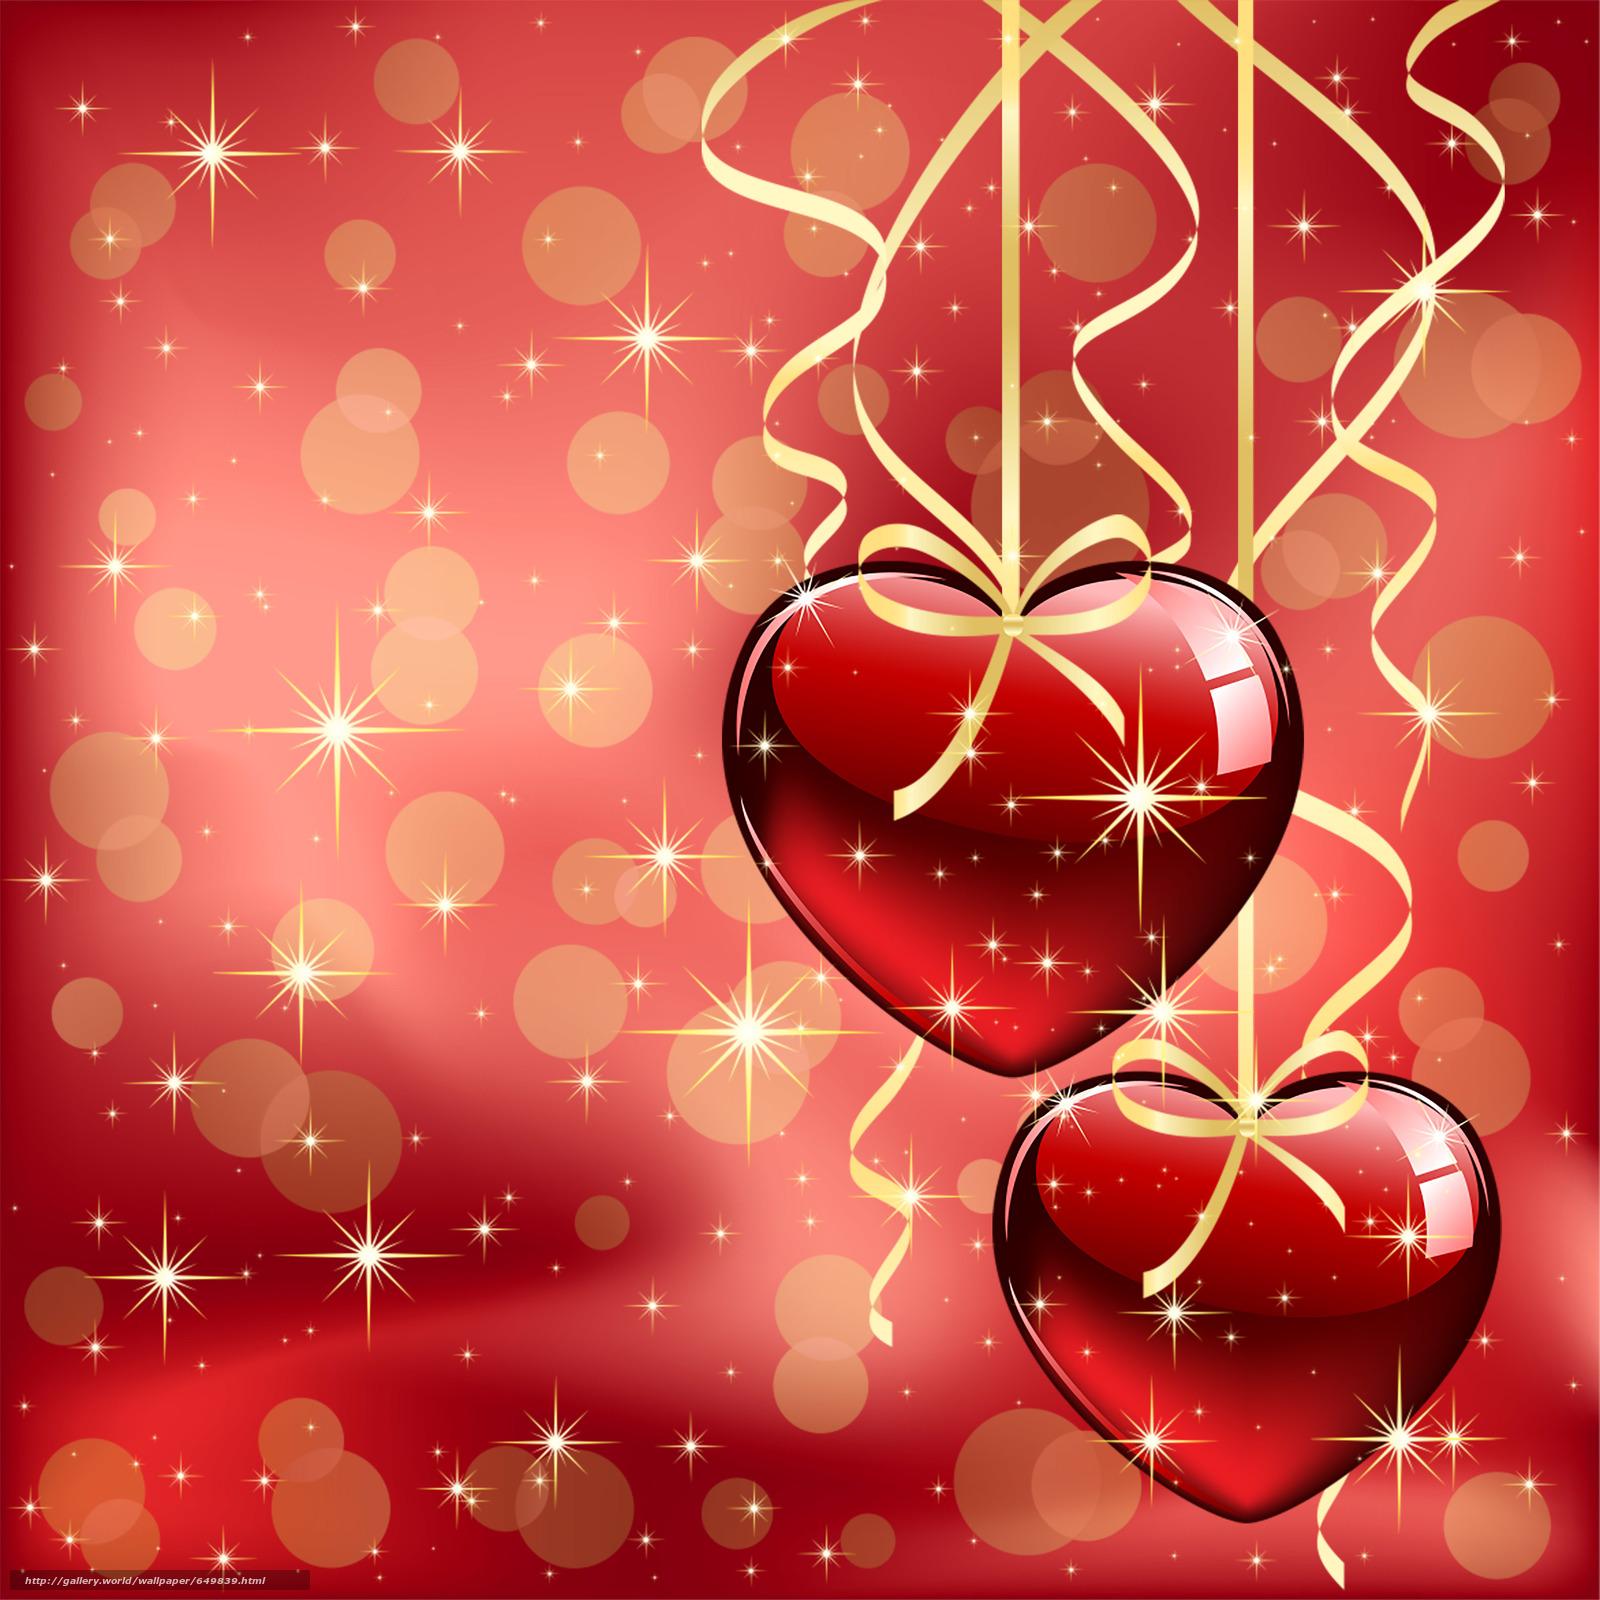 Скачать обои Валентинки,  Валентинка,  День святого Валентина,  день влюблённых бесплатно для рабочего стола в разрешении 4000x4000 — картинка №649839